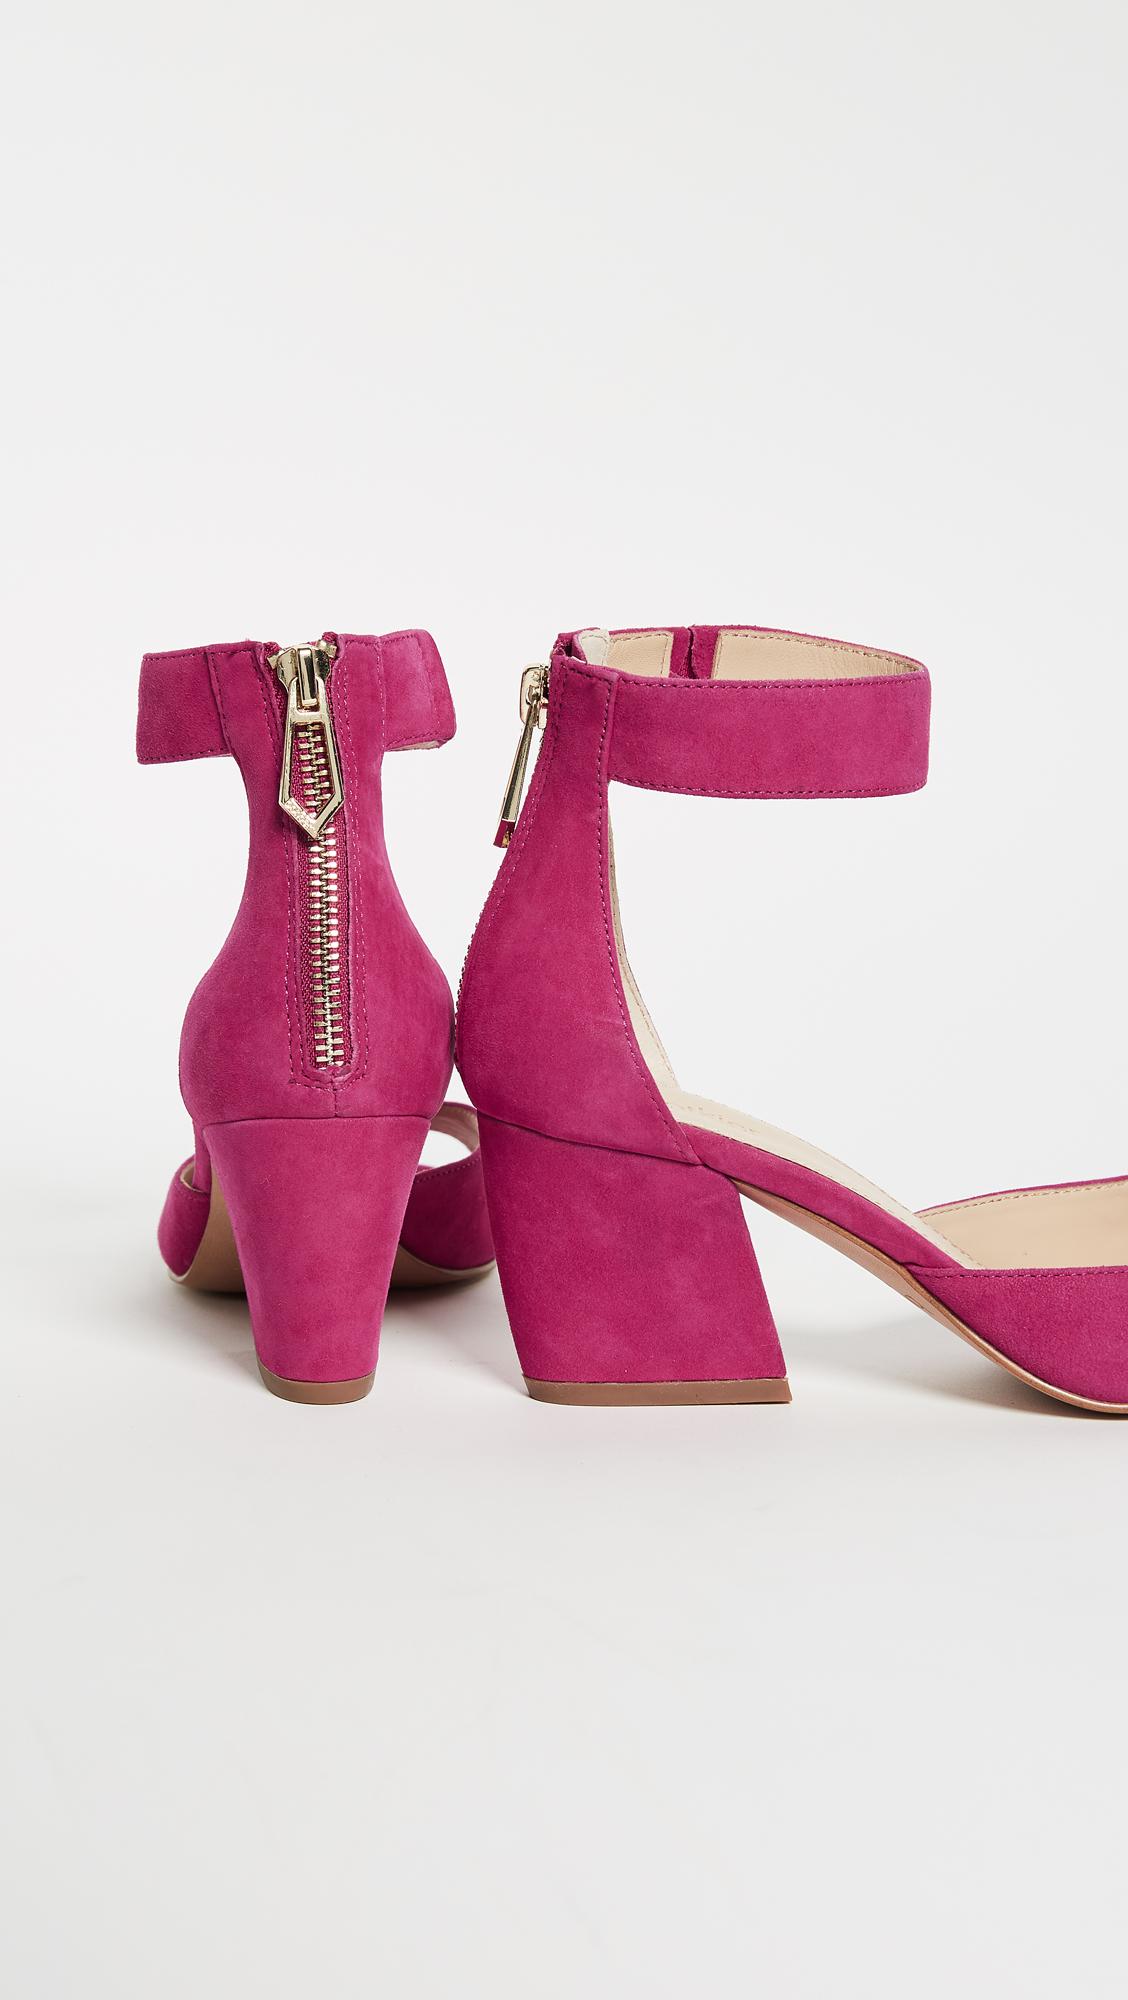 efd828d7478 Botkier Pilar Ankle Strap Sandals